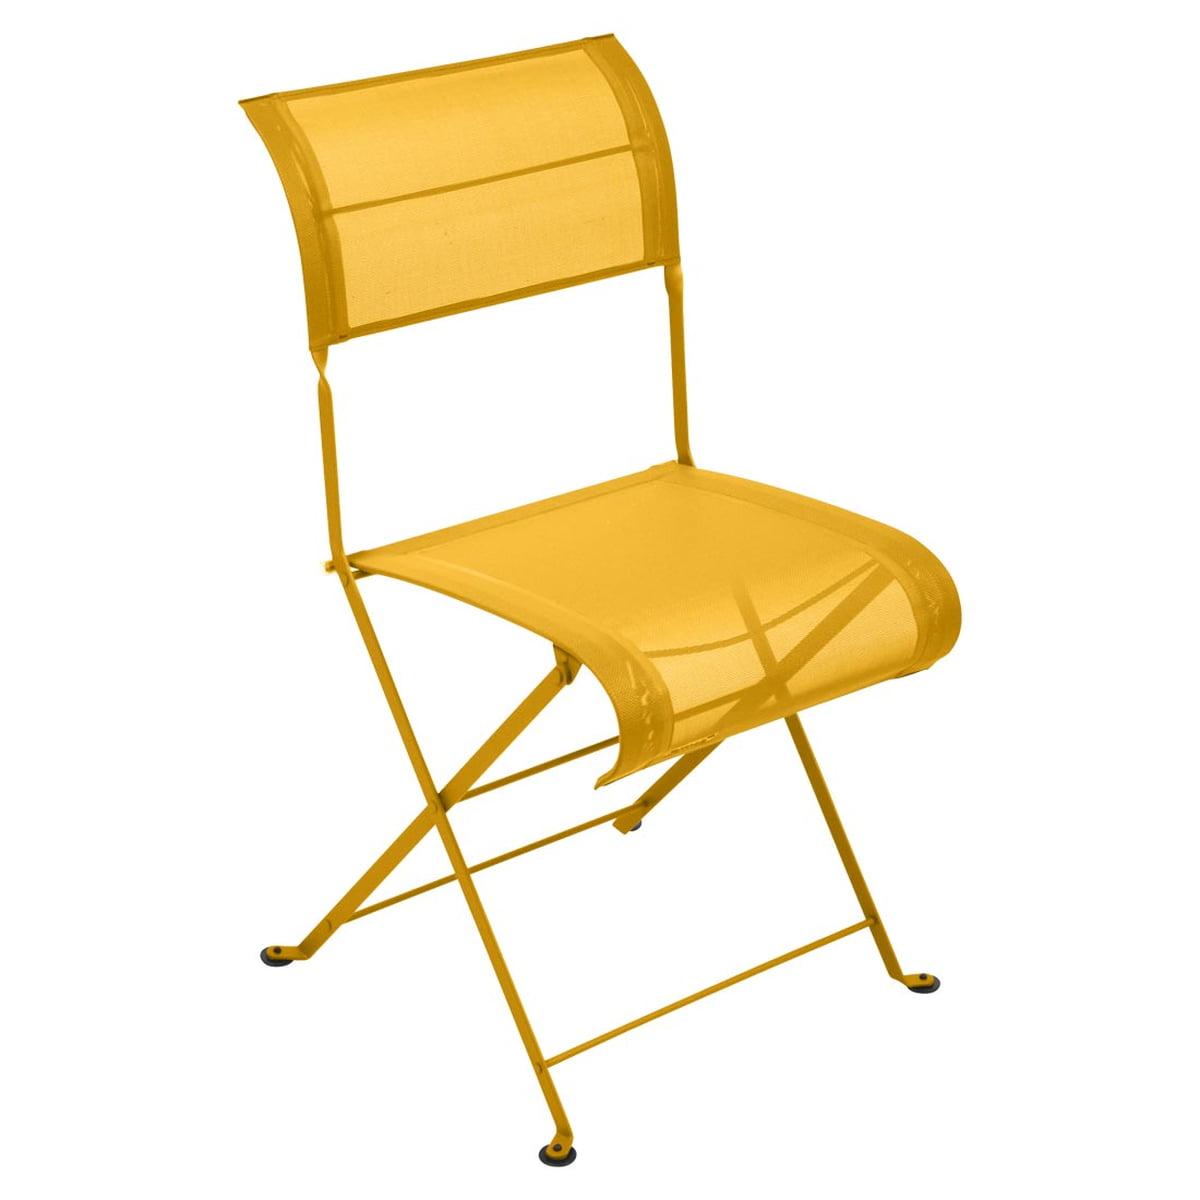 Fermob - Dune Klappstuhl, honig | Küche und Esszimmer > Stühle und Hocker > Klappstühle | Honiggelb | Stahlrahmen -  sitzfläche und rückenlehne aus unzerreißbarem technischem outdoorgewebe | fermob